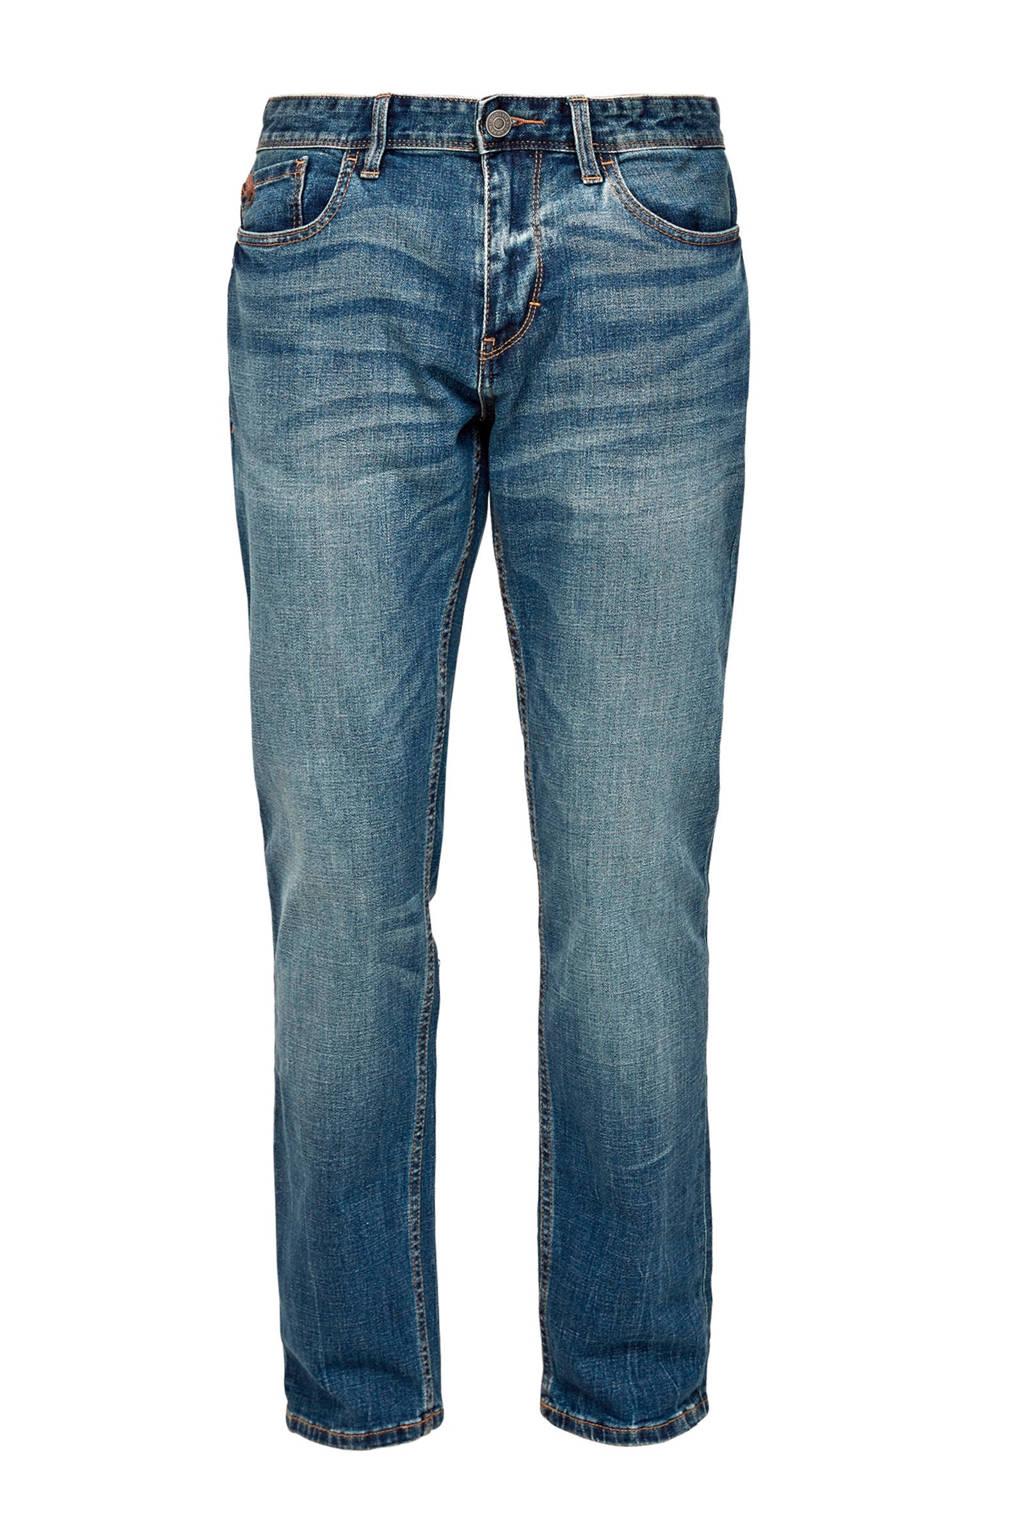 s.Oliver  regular regular fit jeans, Blauw